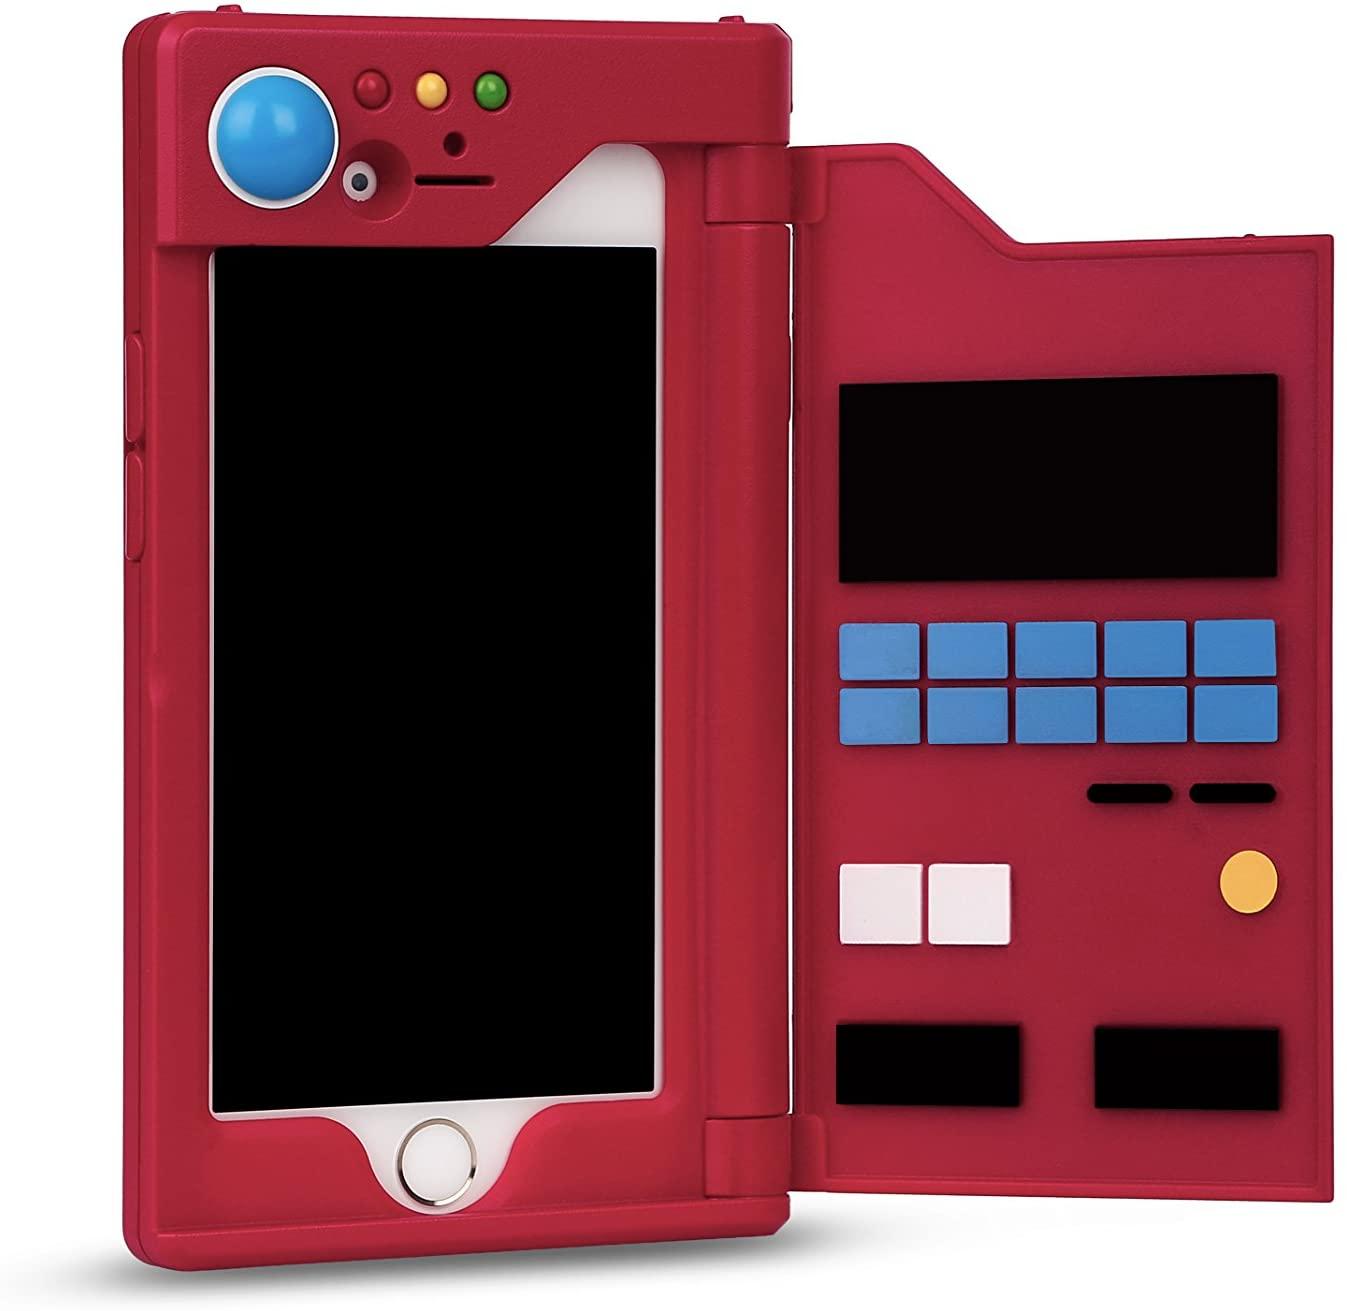 Pokédex iPhone Case